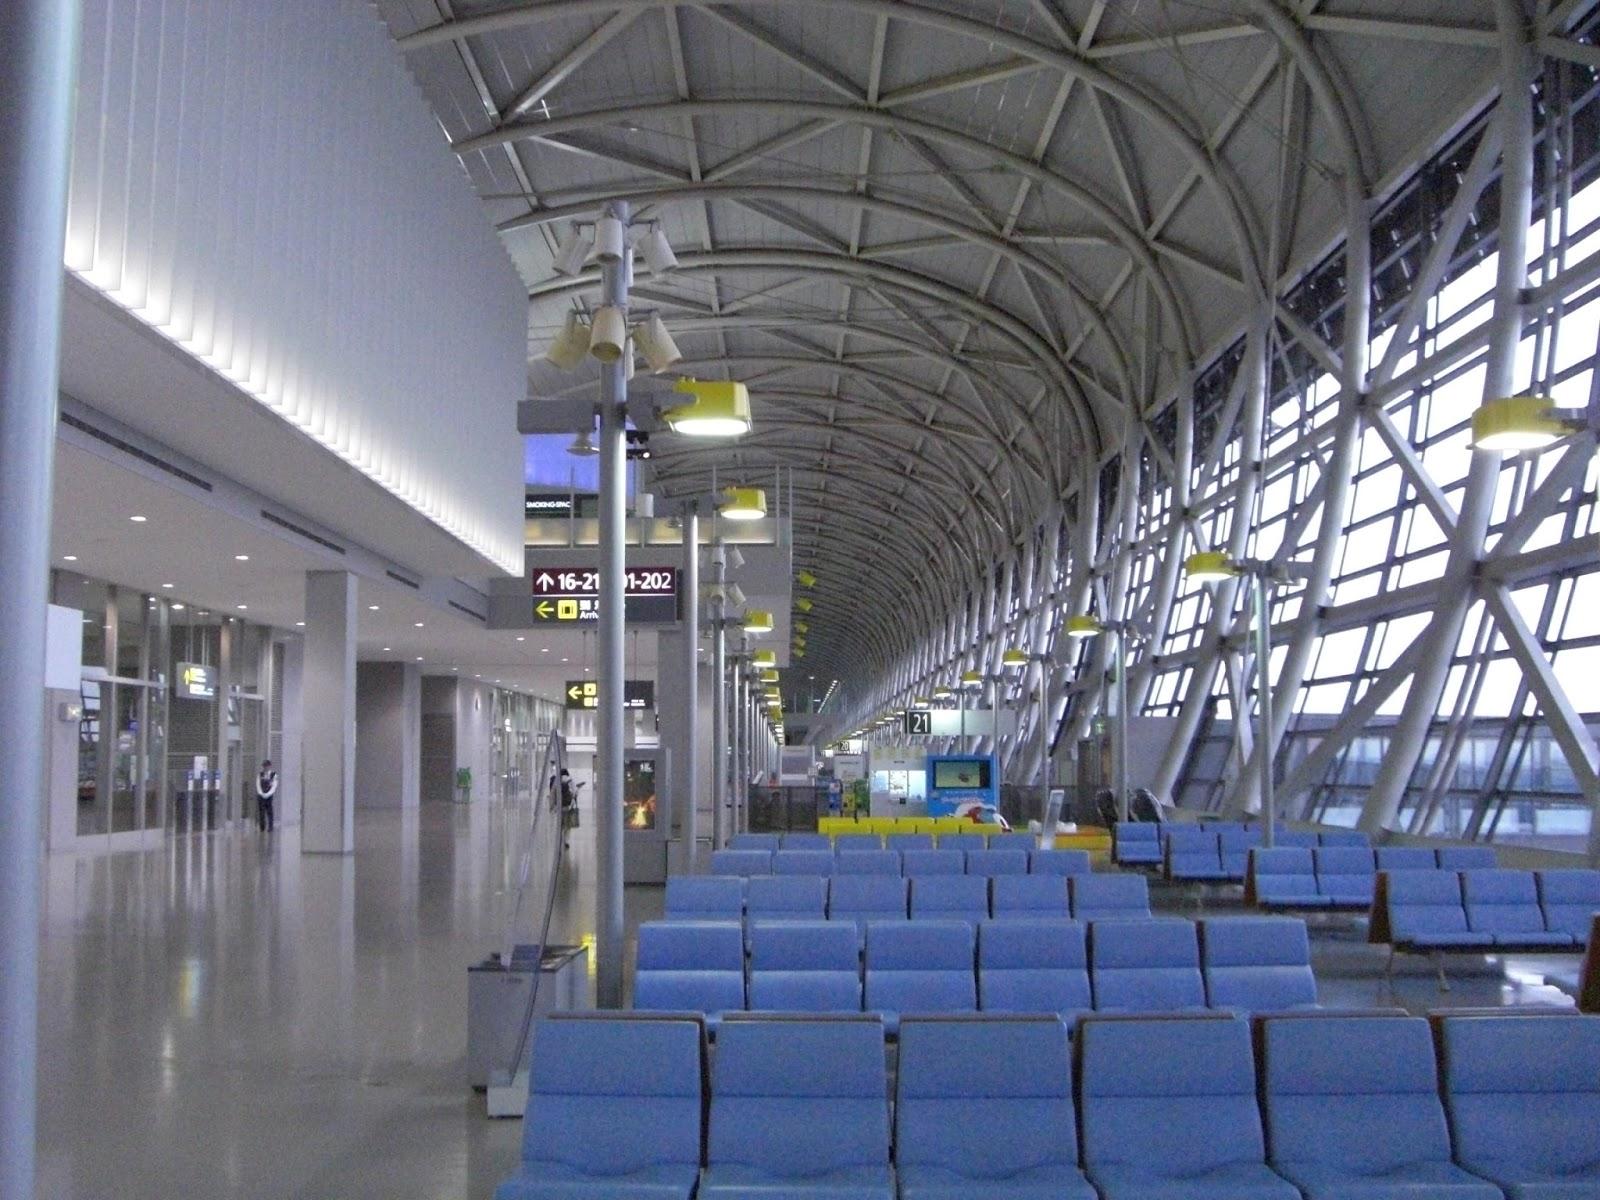 Aeroporto Kansai Osaka : Prancheta de arquiteto proj aeroporto kansai intl